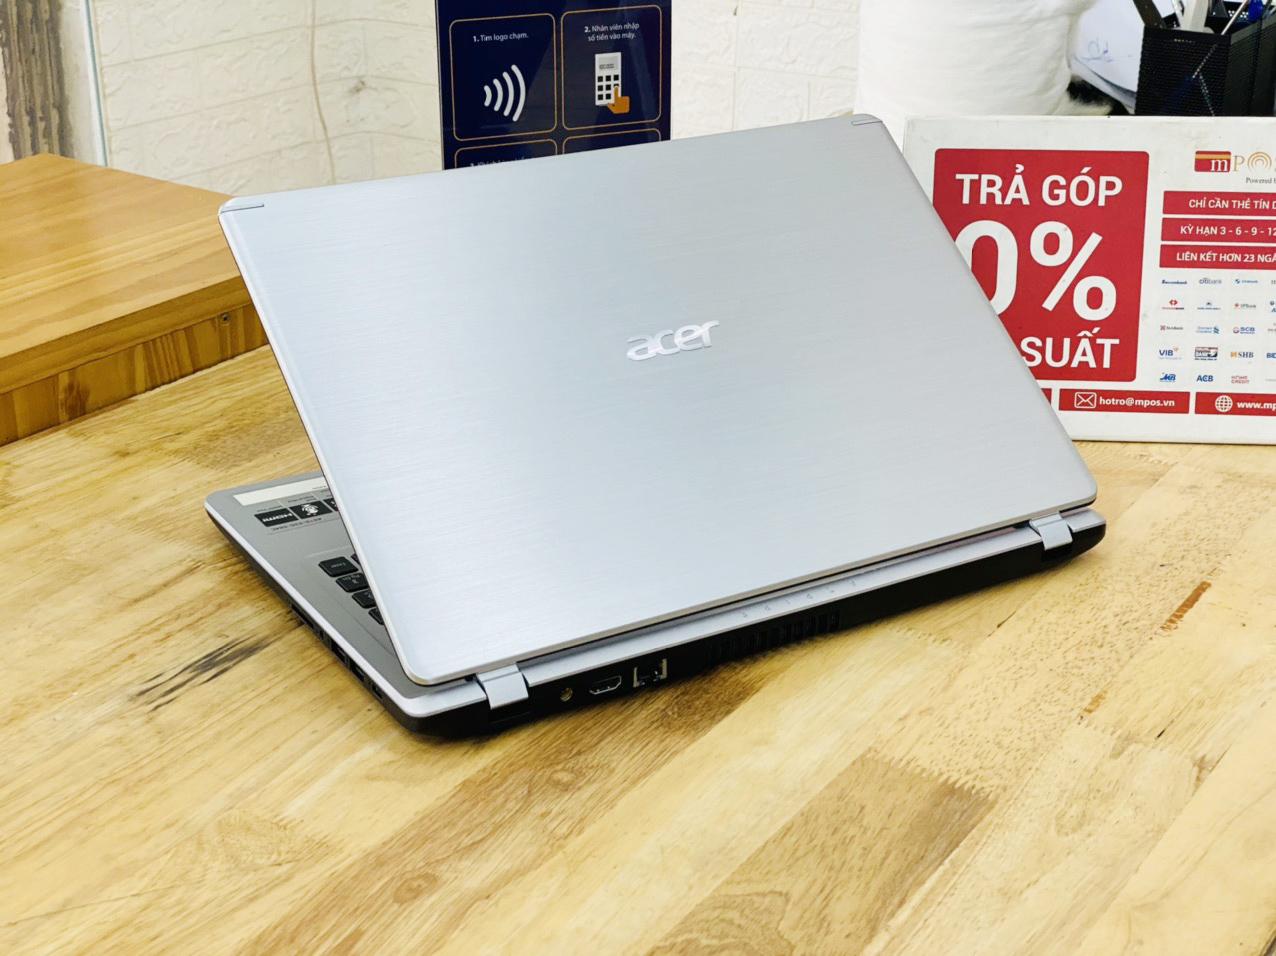 Acer Aspire A515-53G